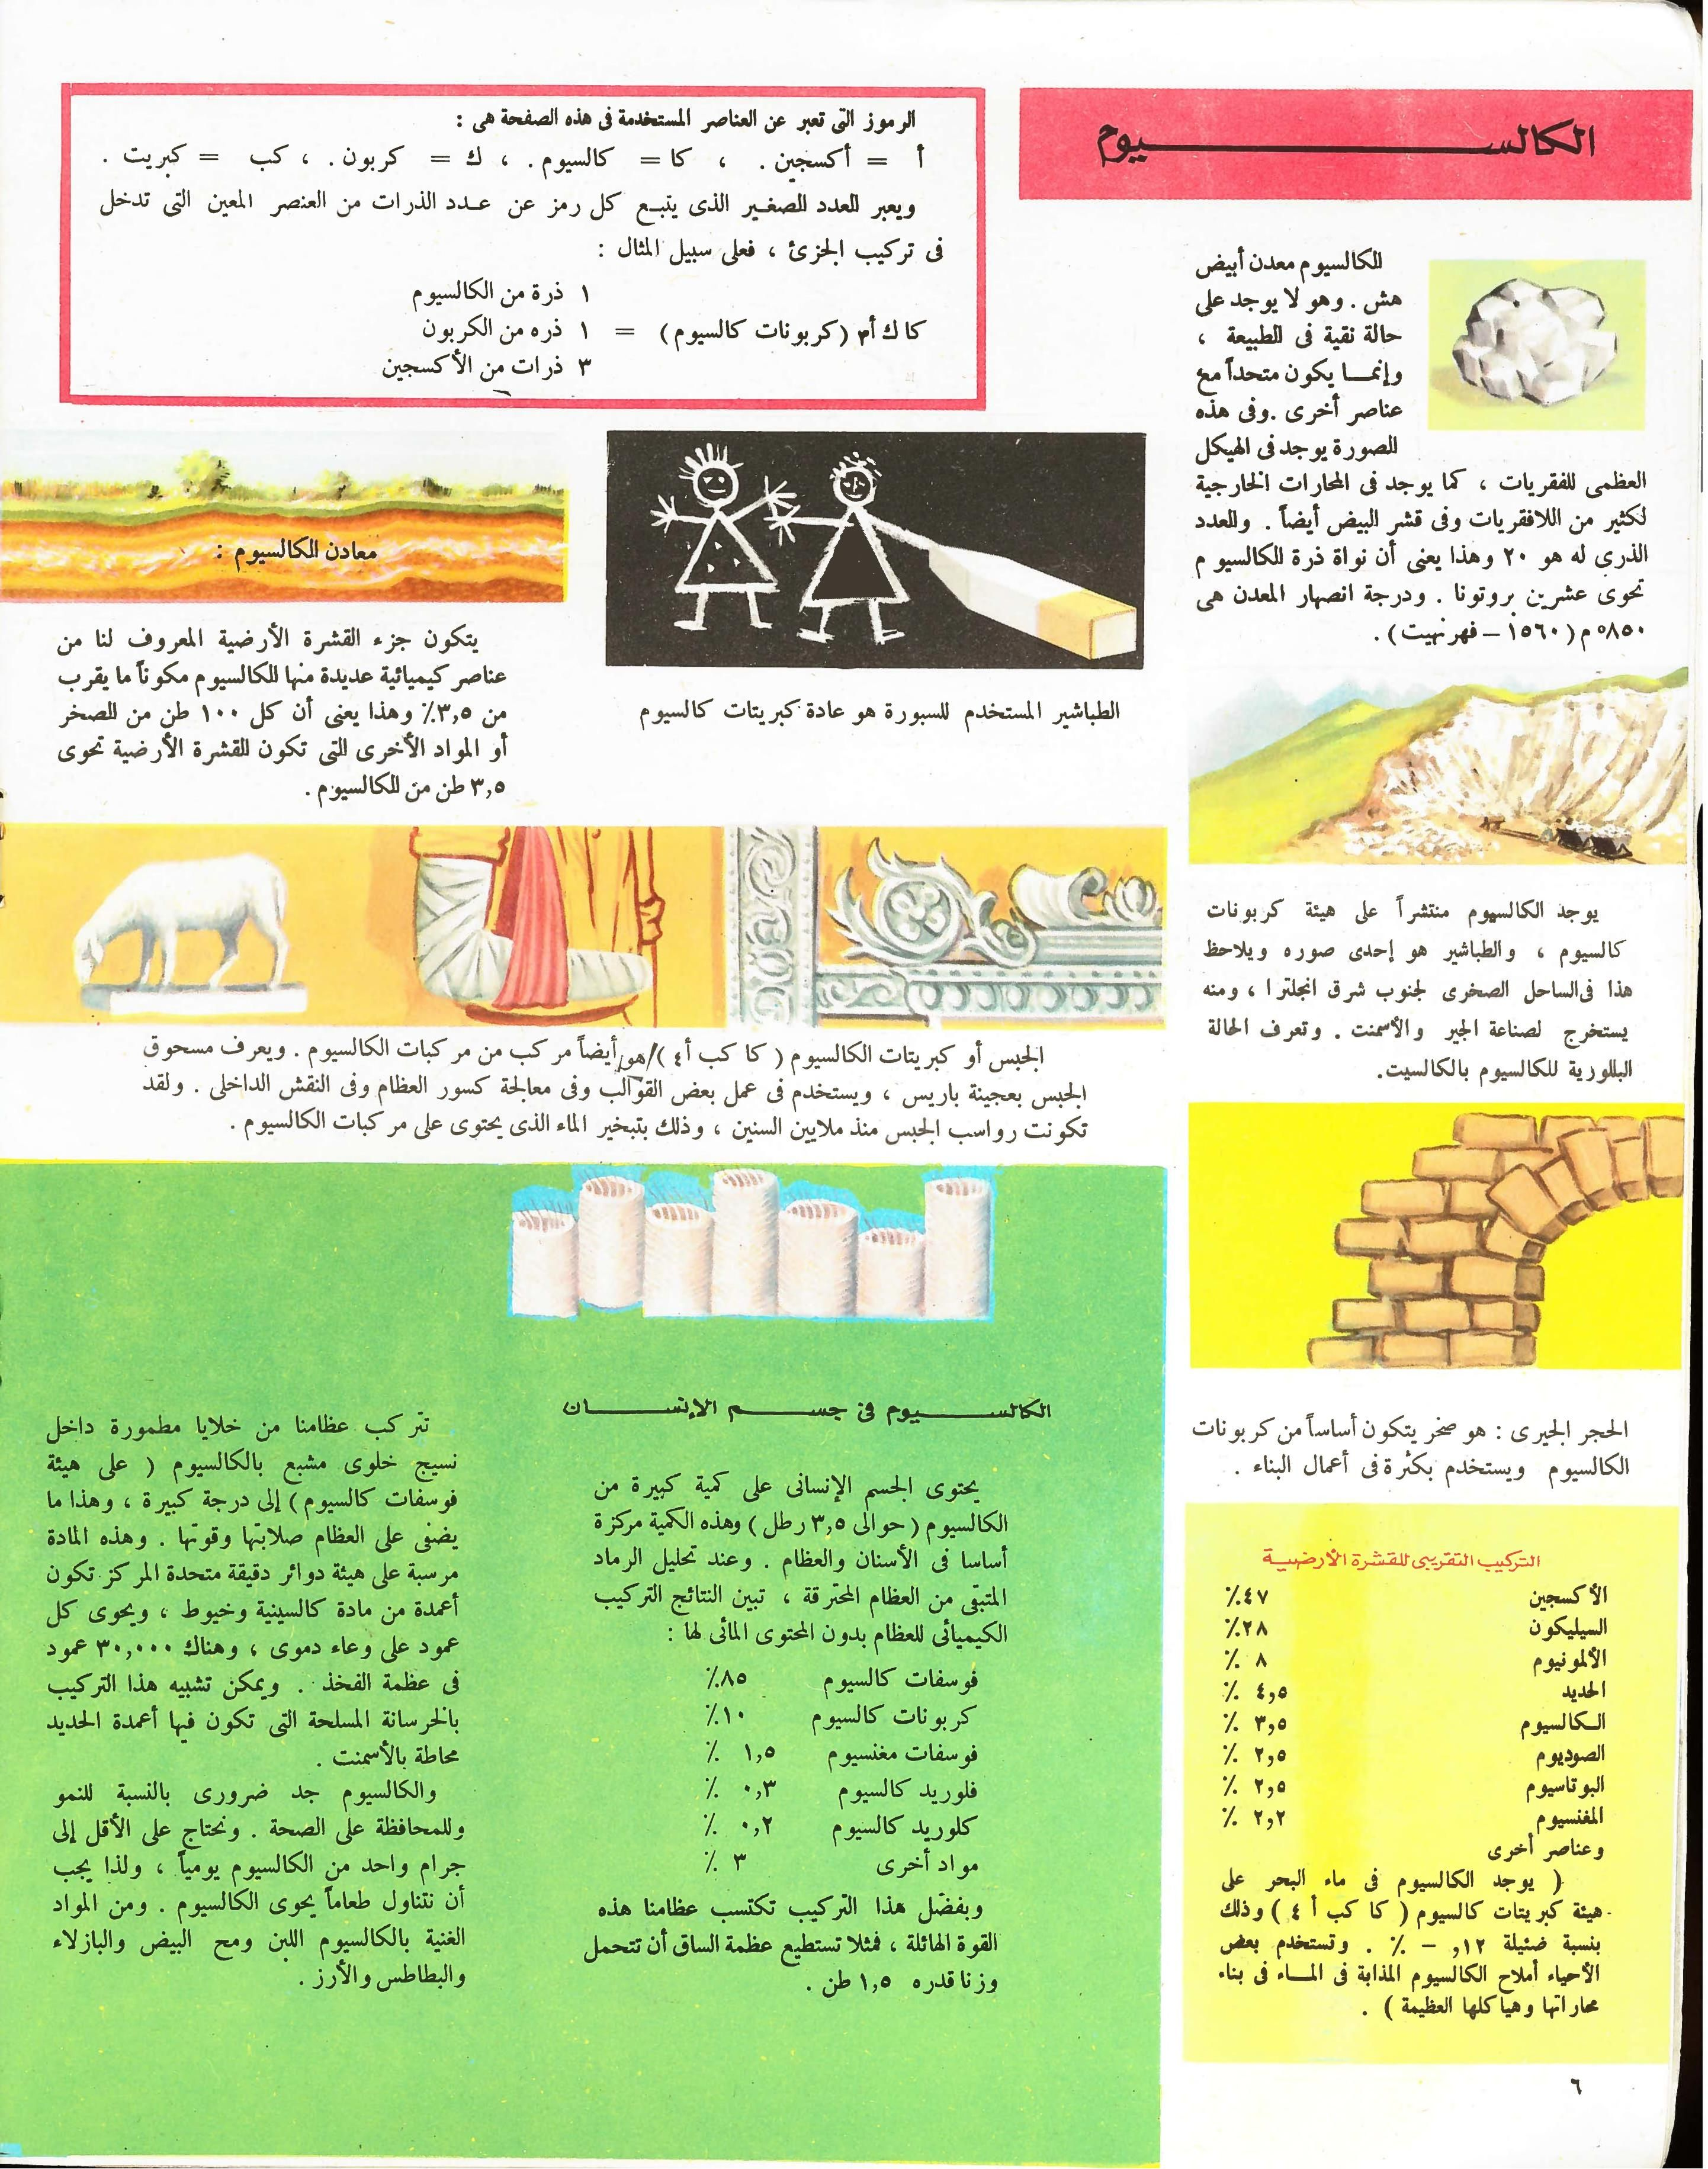 Epingle Par بشير هزرشي Karim Sur بطاقات علمية